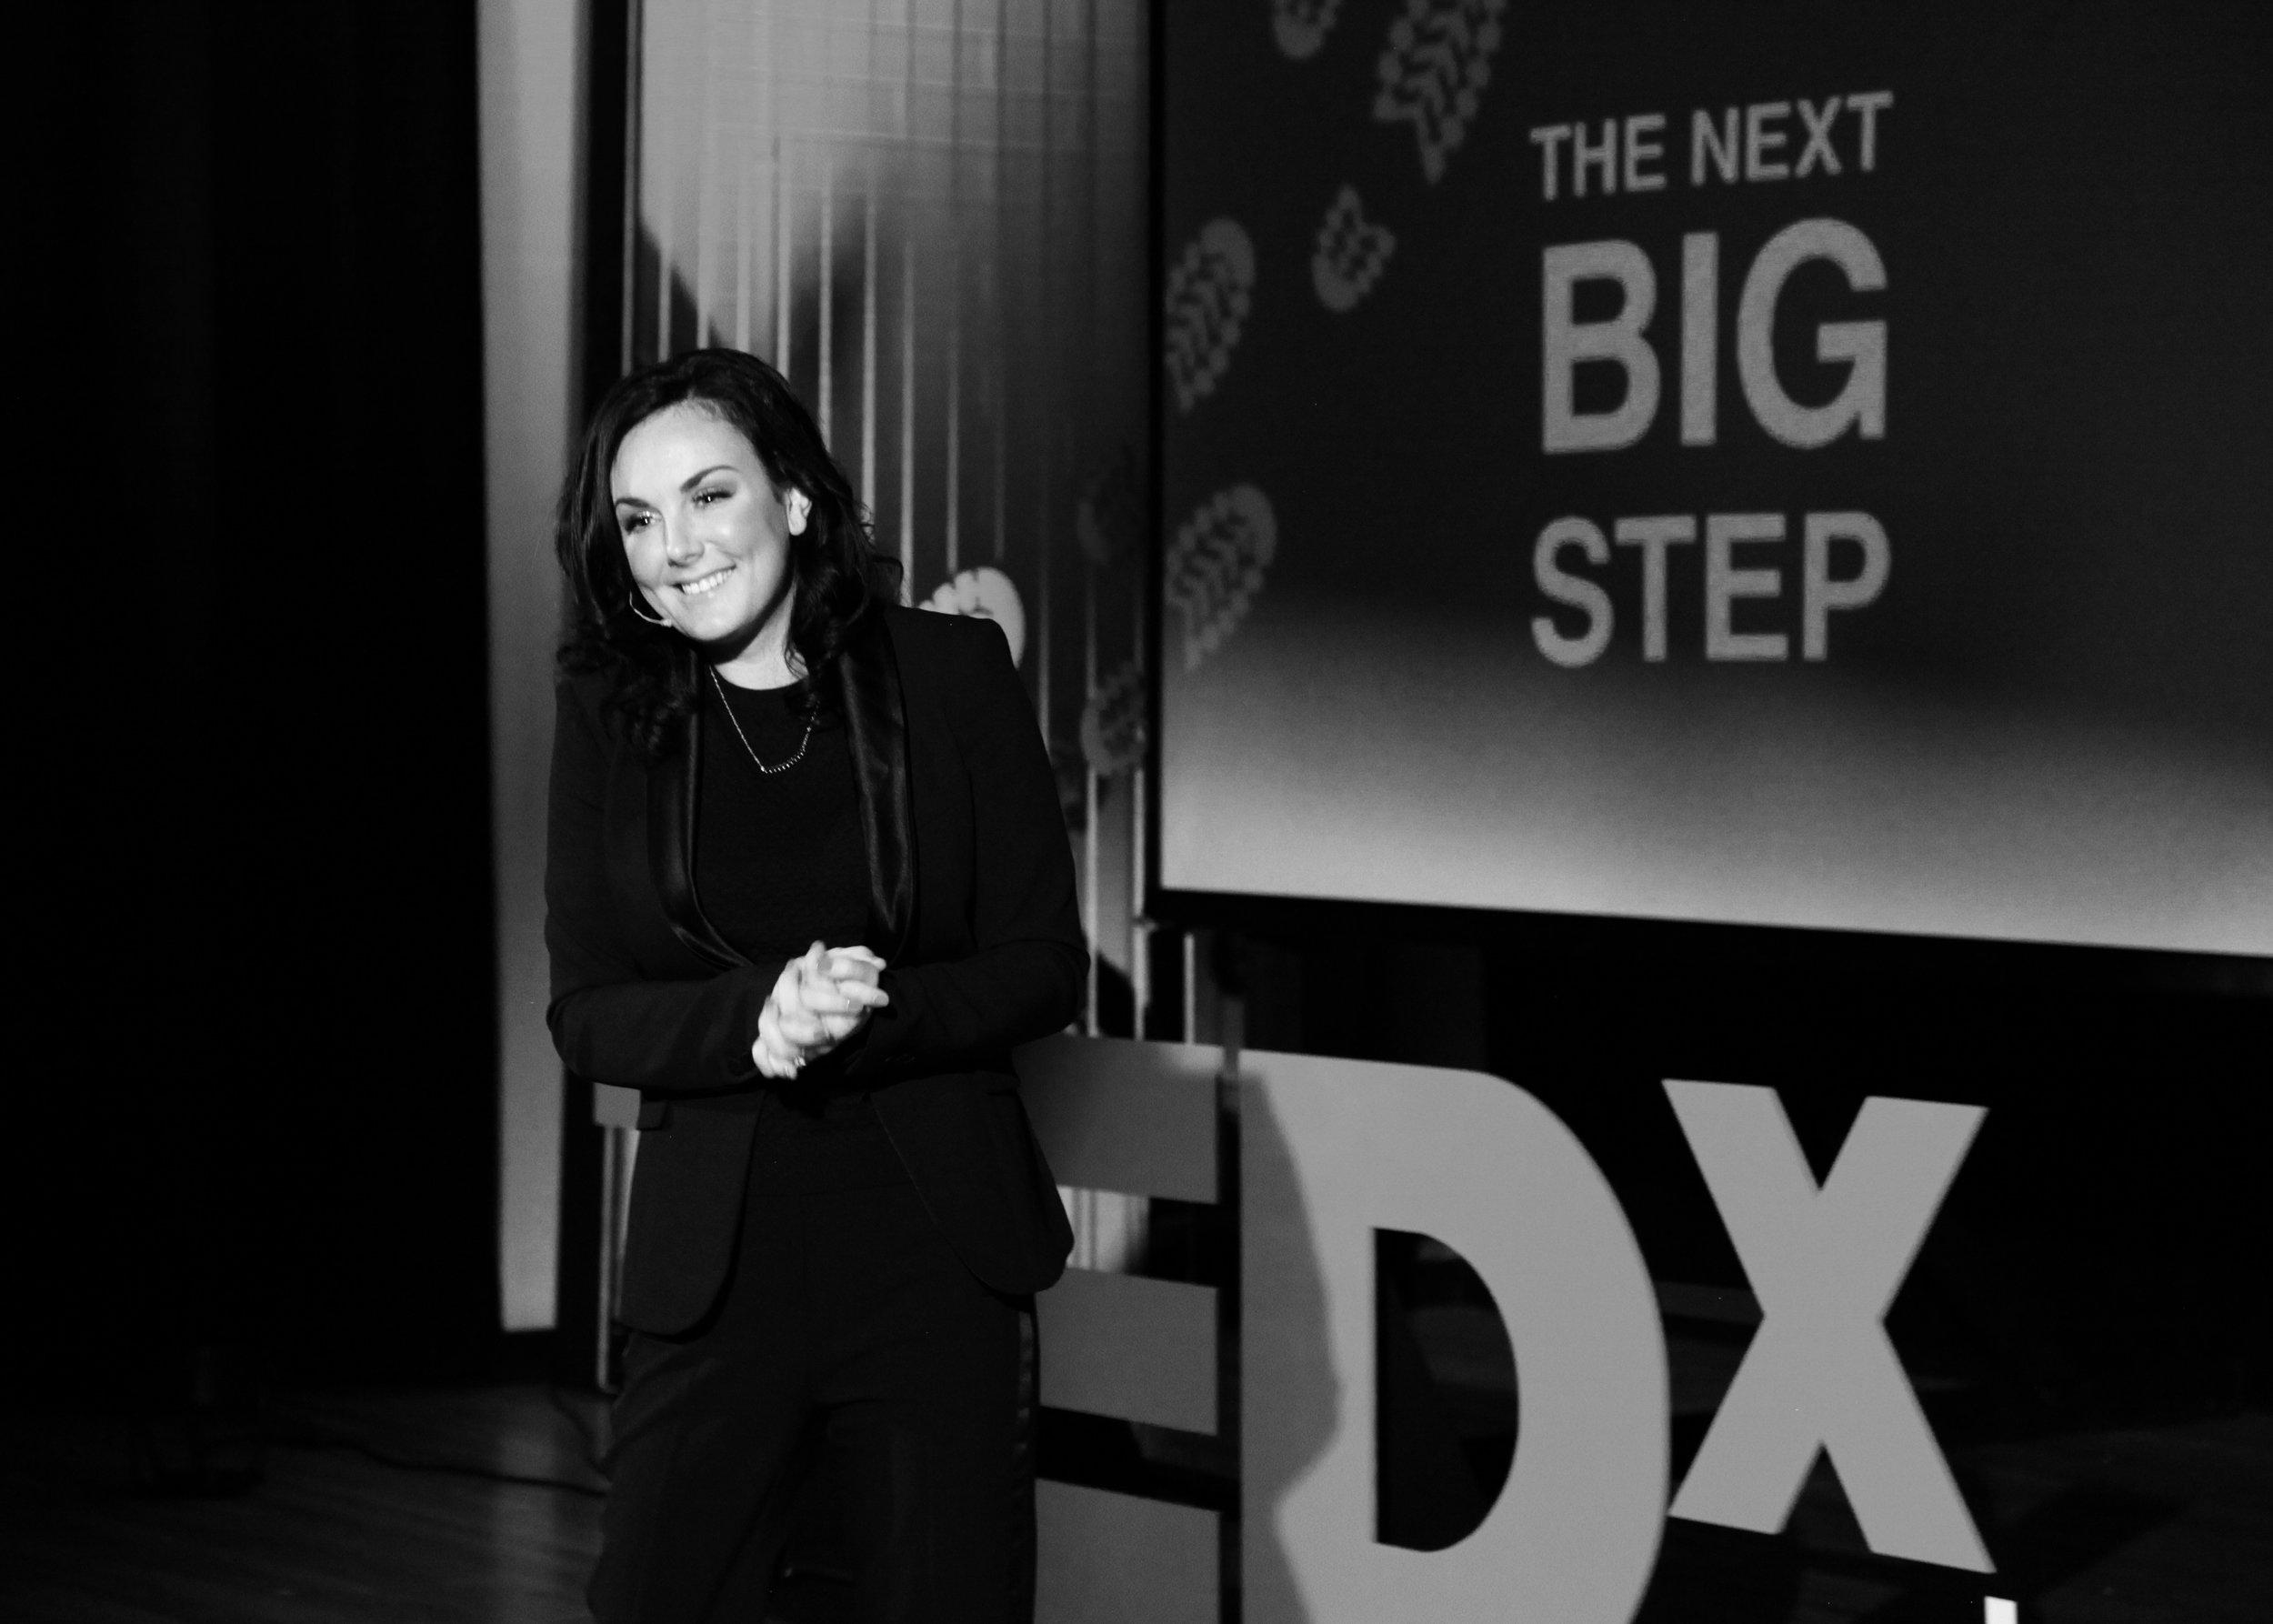 TEDx_Tara_Closeup_2.jpg